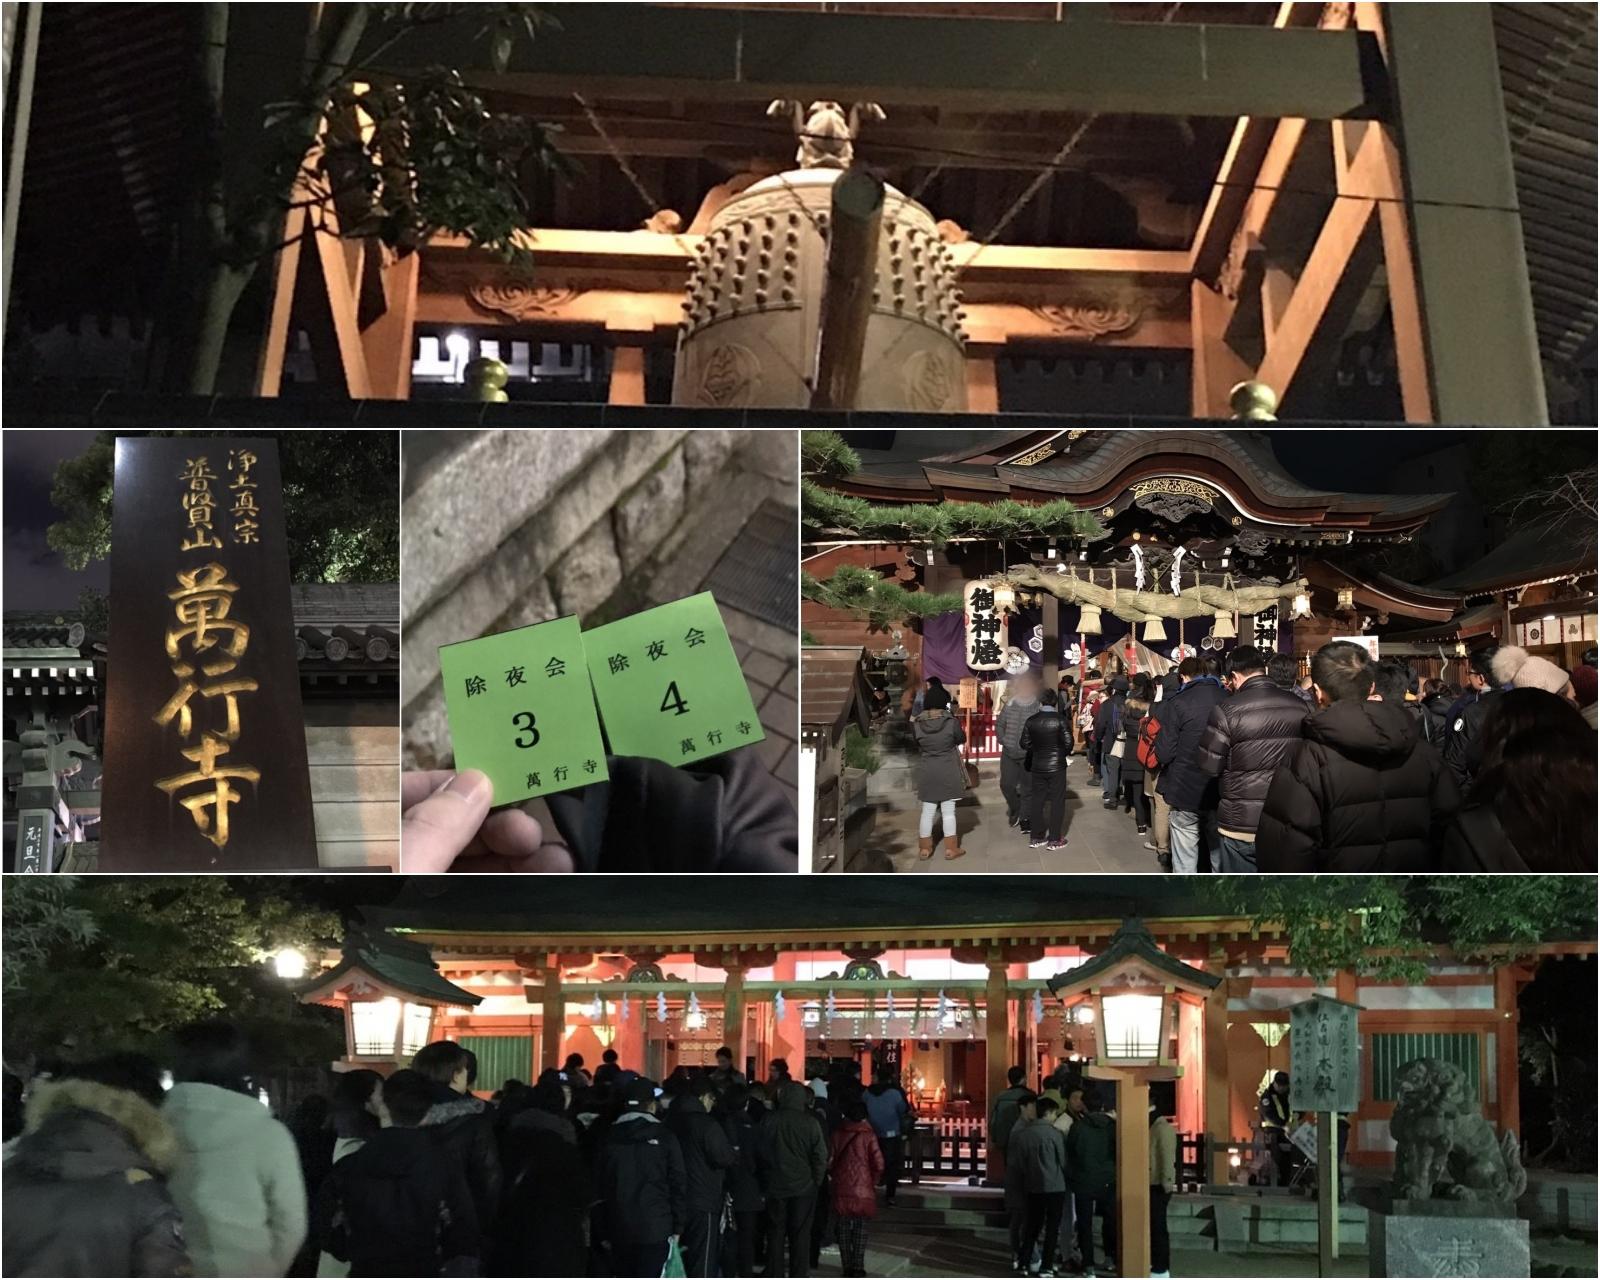 区 住吉 事件 博多 自転車店に女性従業員遺体 福岡、事件の可能性